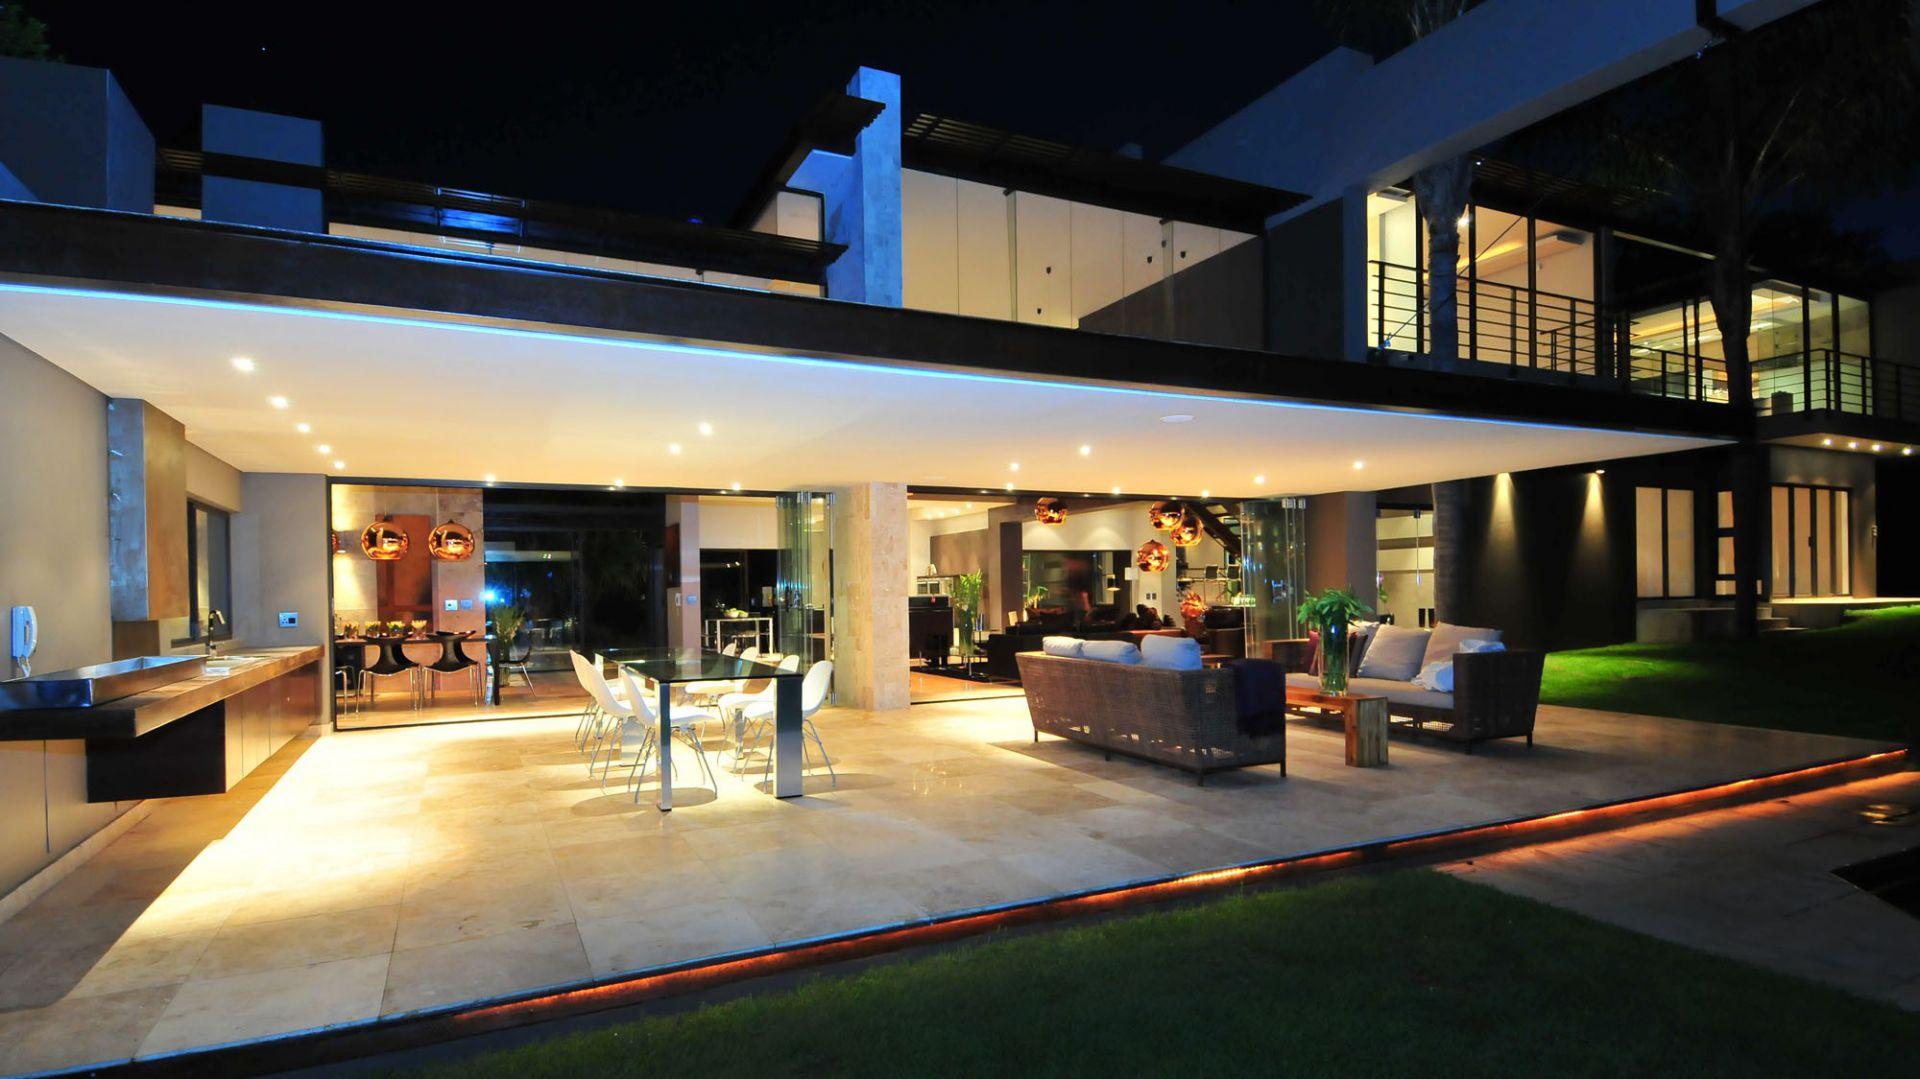 Fot iidudu budujemy taras pi kne i praktyczne rozwi zania for Villa interior design augusta ga